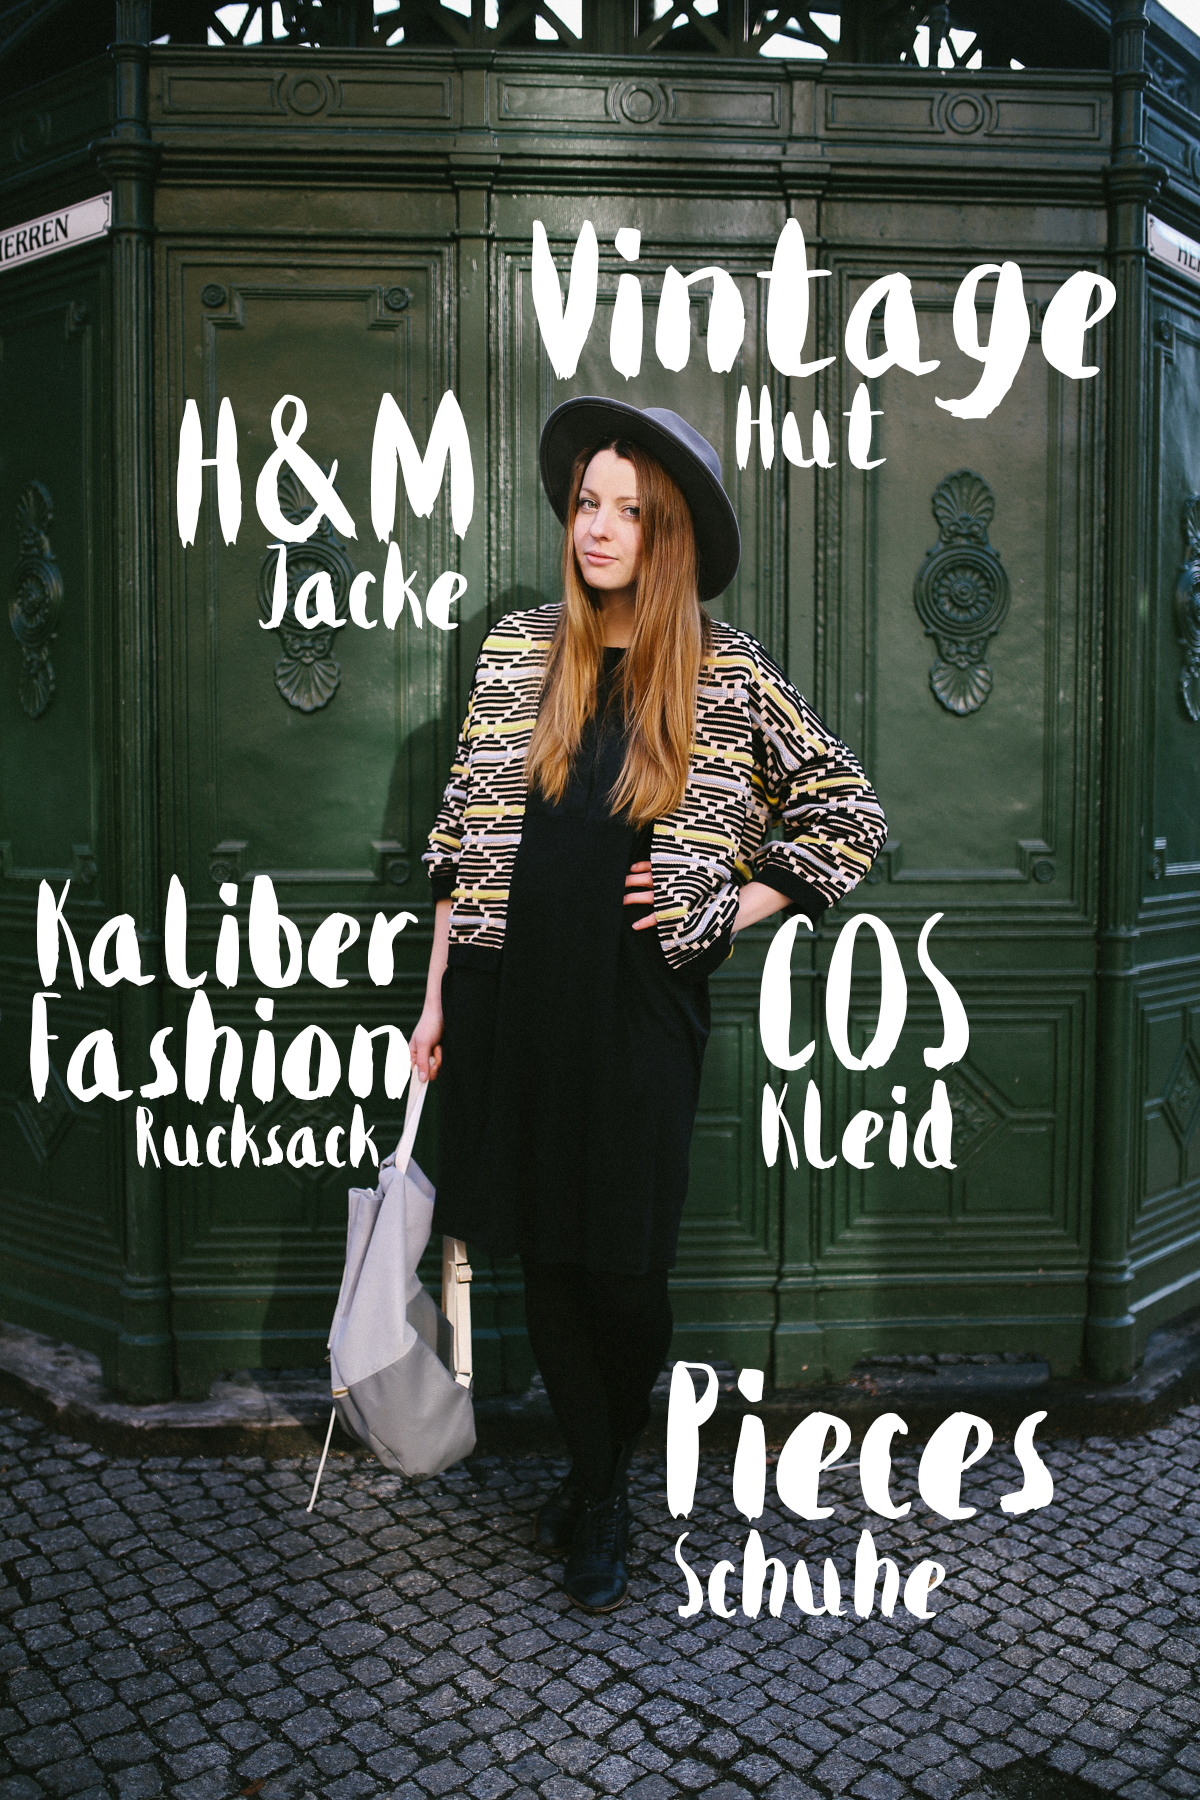 Fashion Friday on herzundblut.com